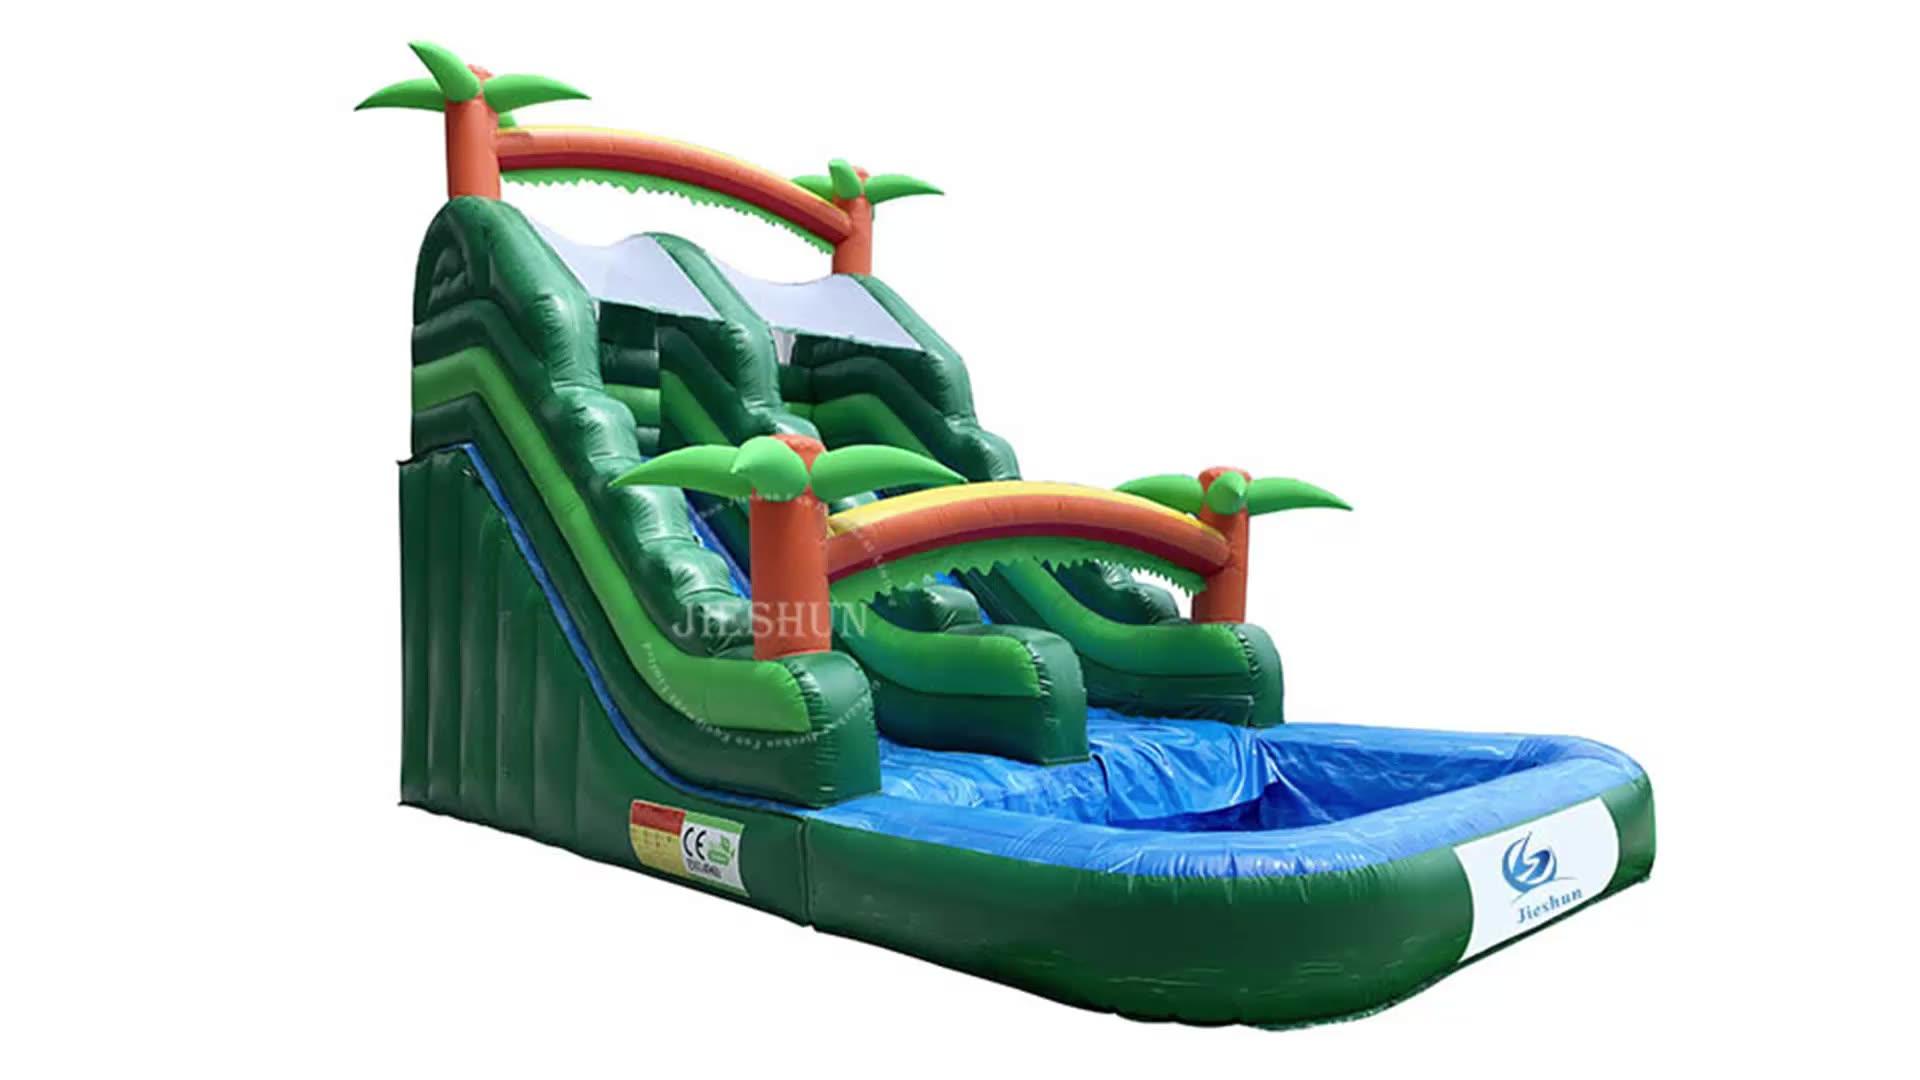 Высококачественные недорогие человеческие маленькие надувные мокрые слайды, дельфин, надувная водная горка, китайская фабрика